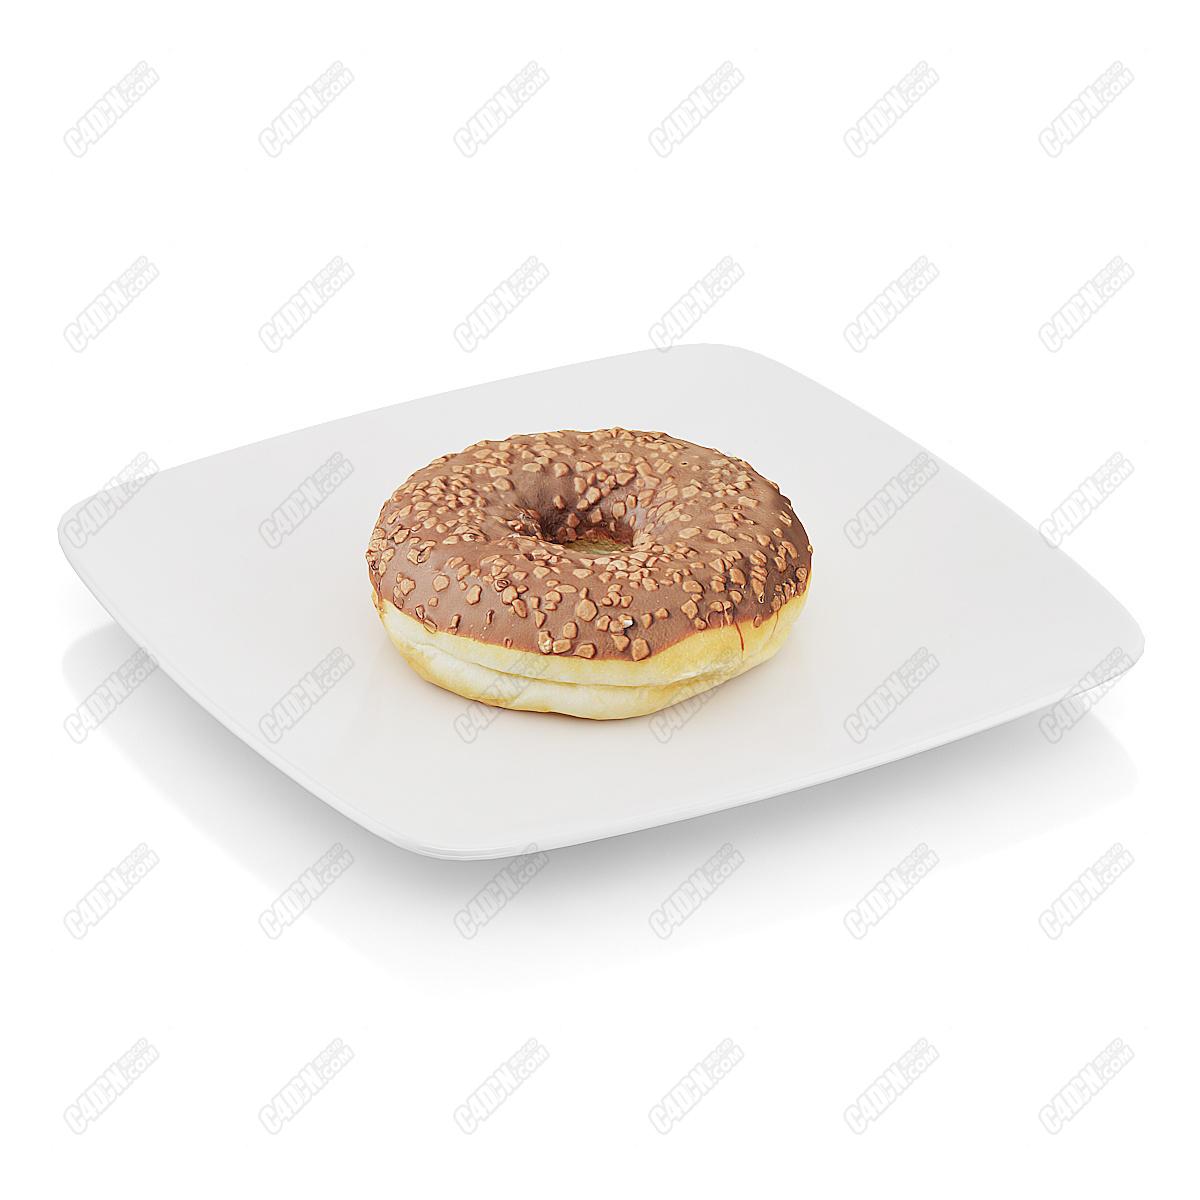 C4D模型-瓜子仁巧克力果酱甜甜圈面包蛋糕模型(包含材质和贴图)